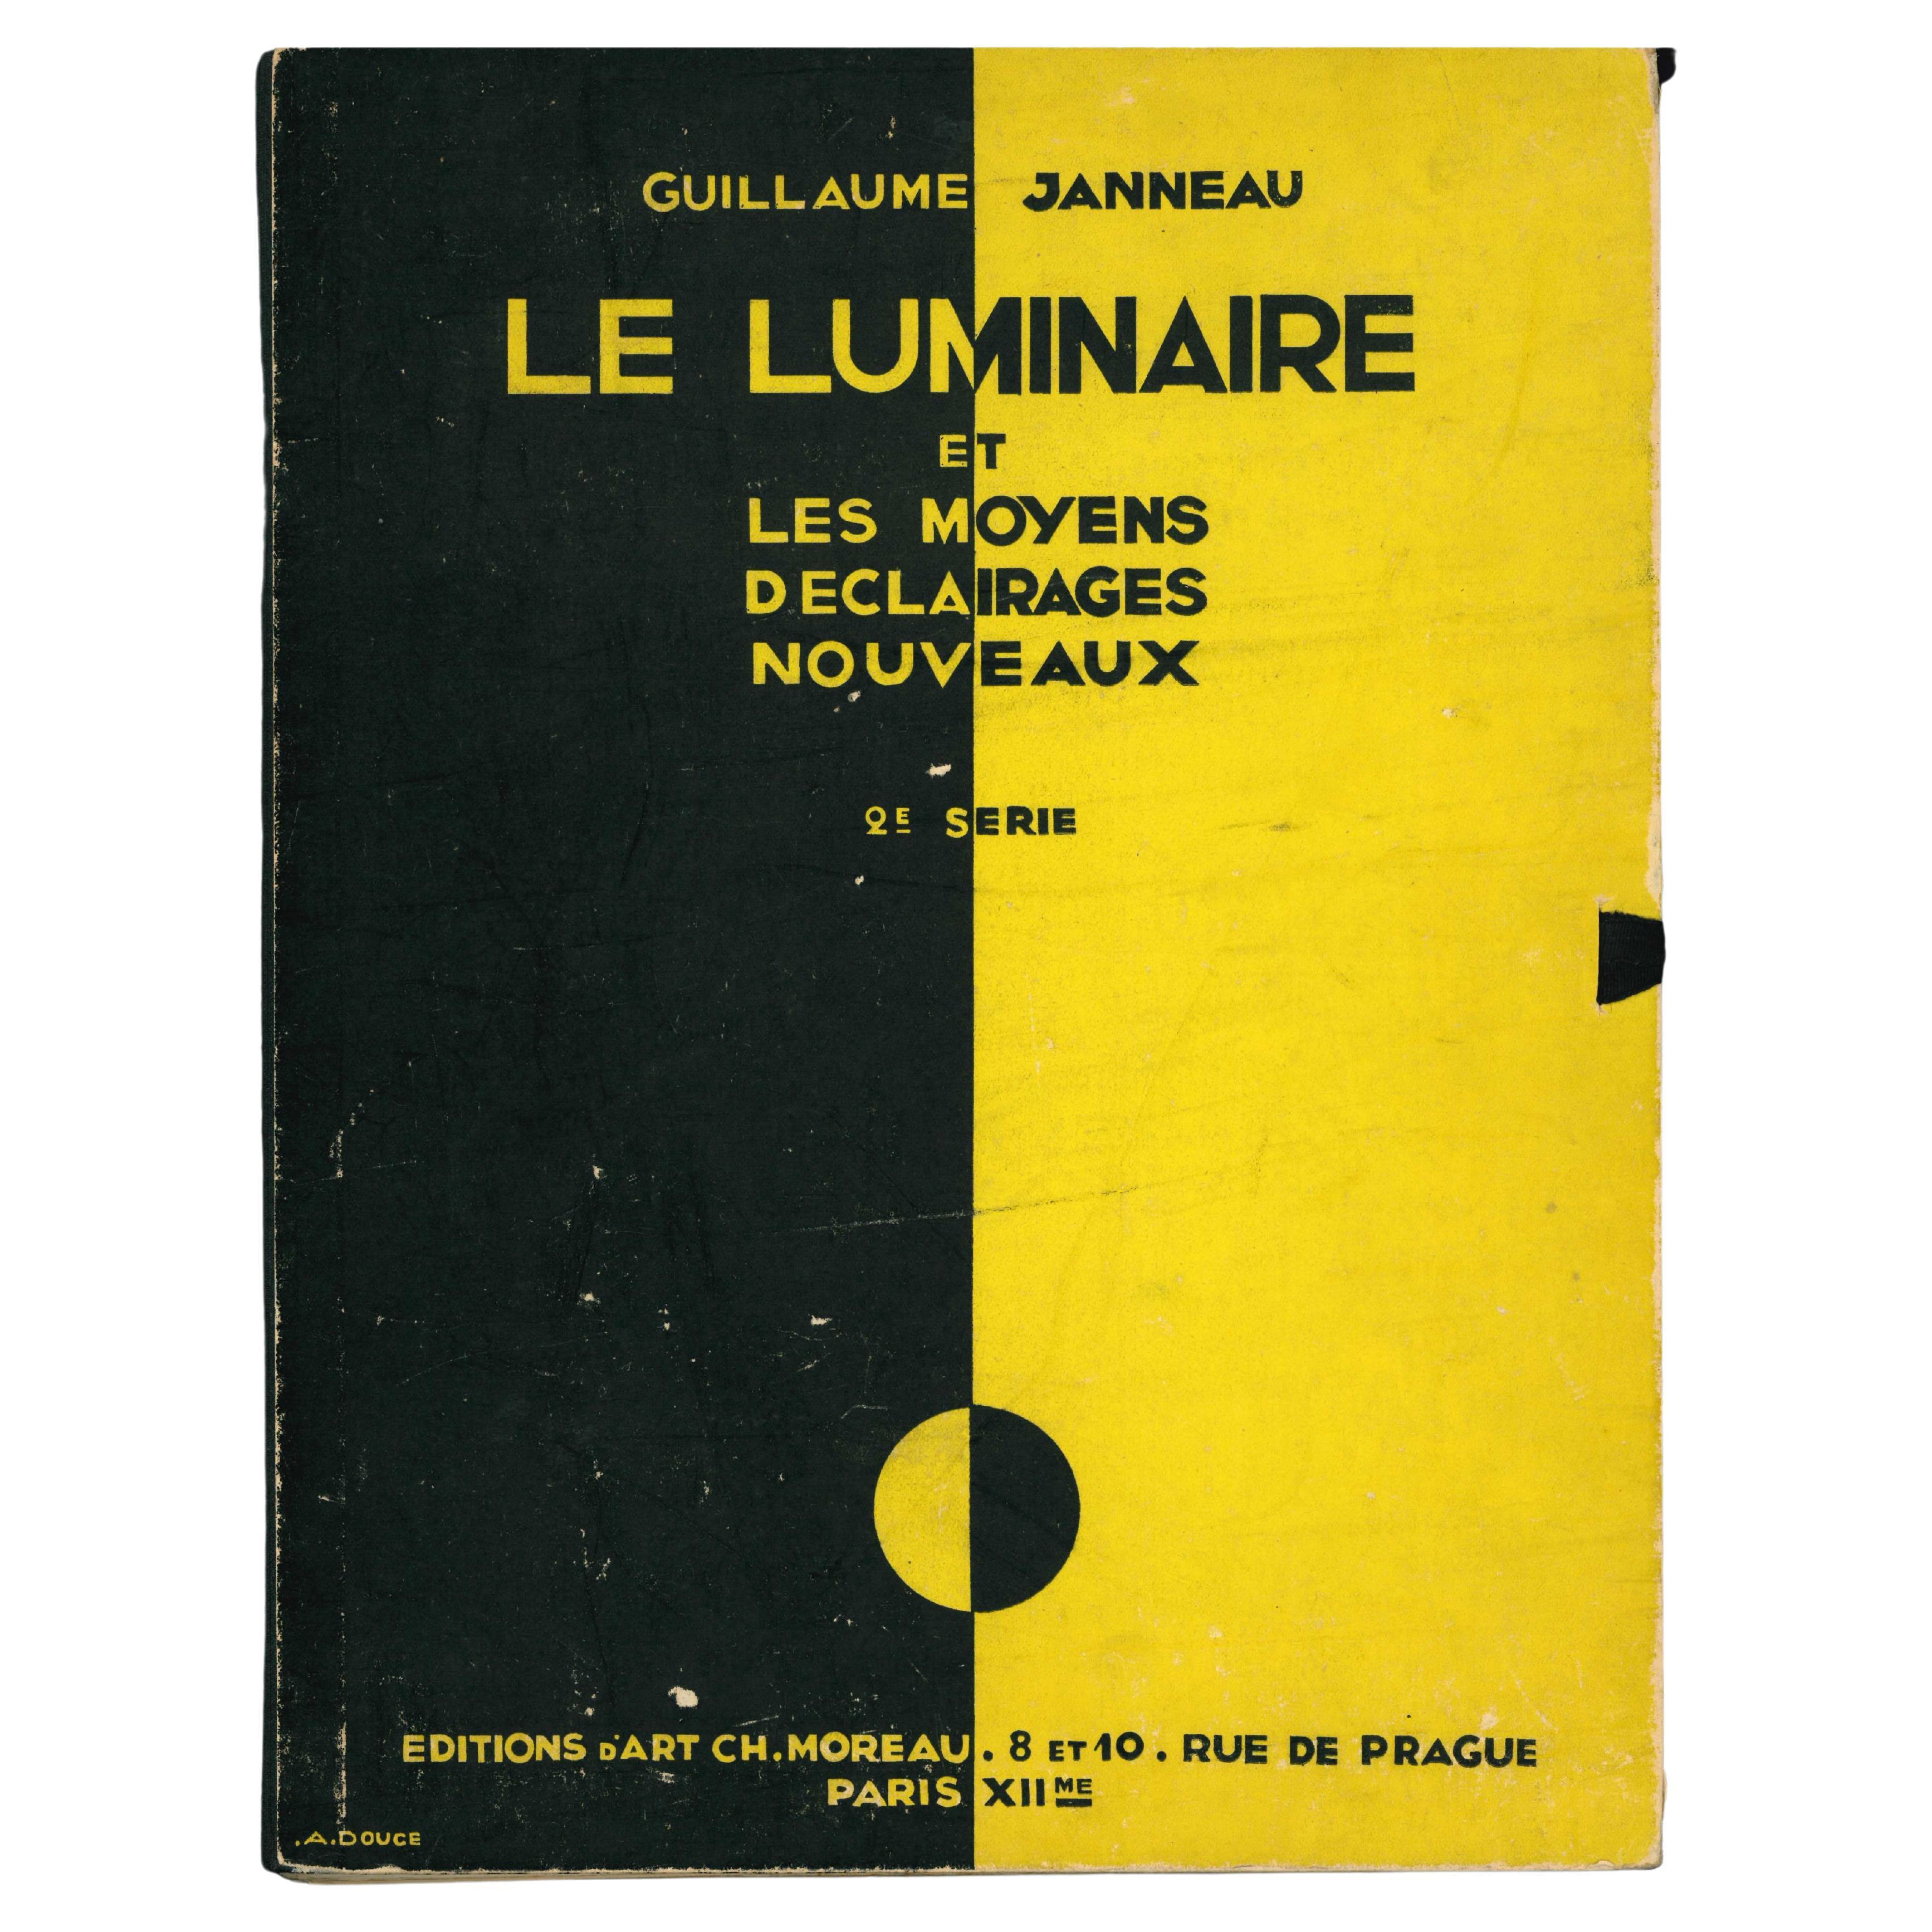 LE LUMINAIRE ET MOYENS DECLAIRAGES NOUVEAU by G. Janneau, Art Deco Lighting